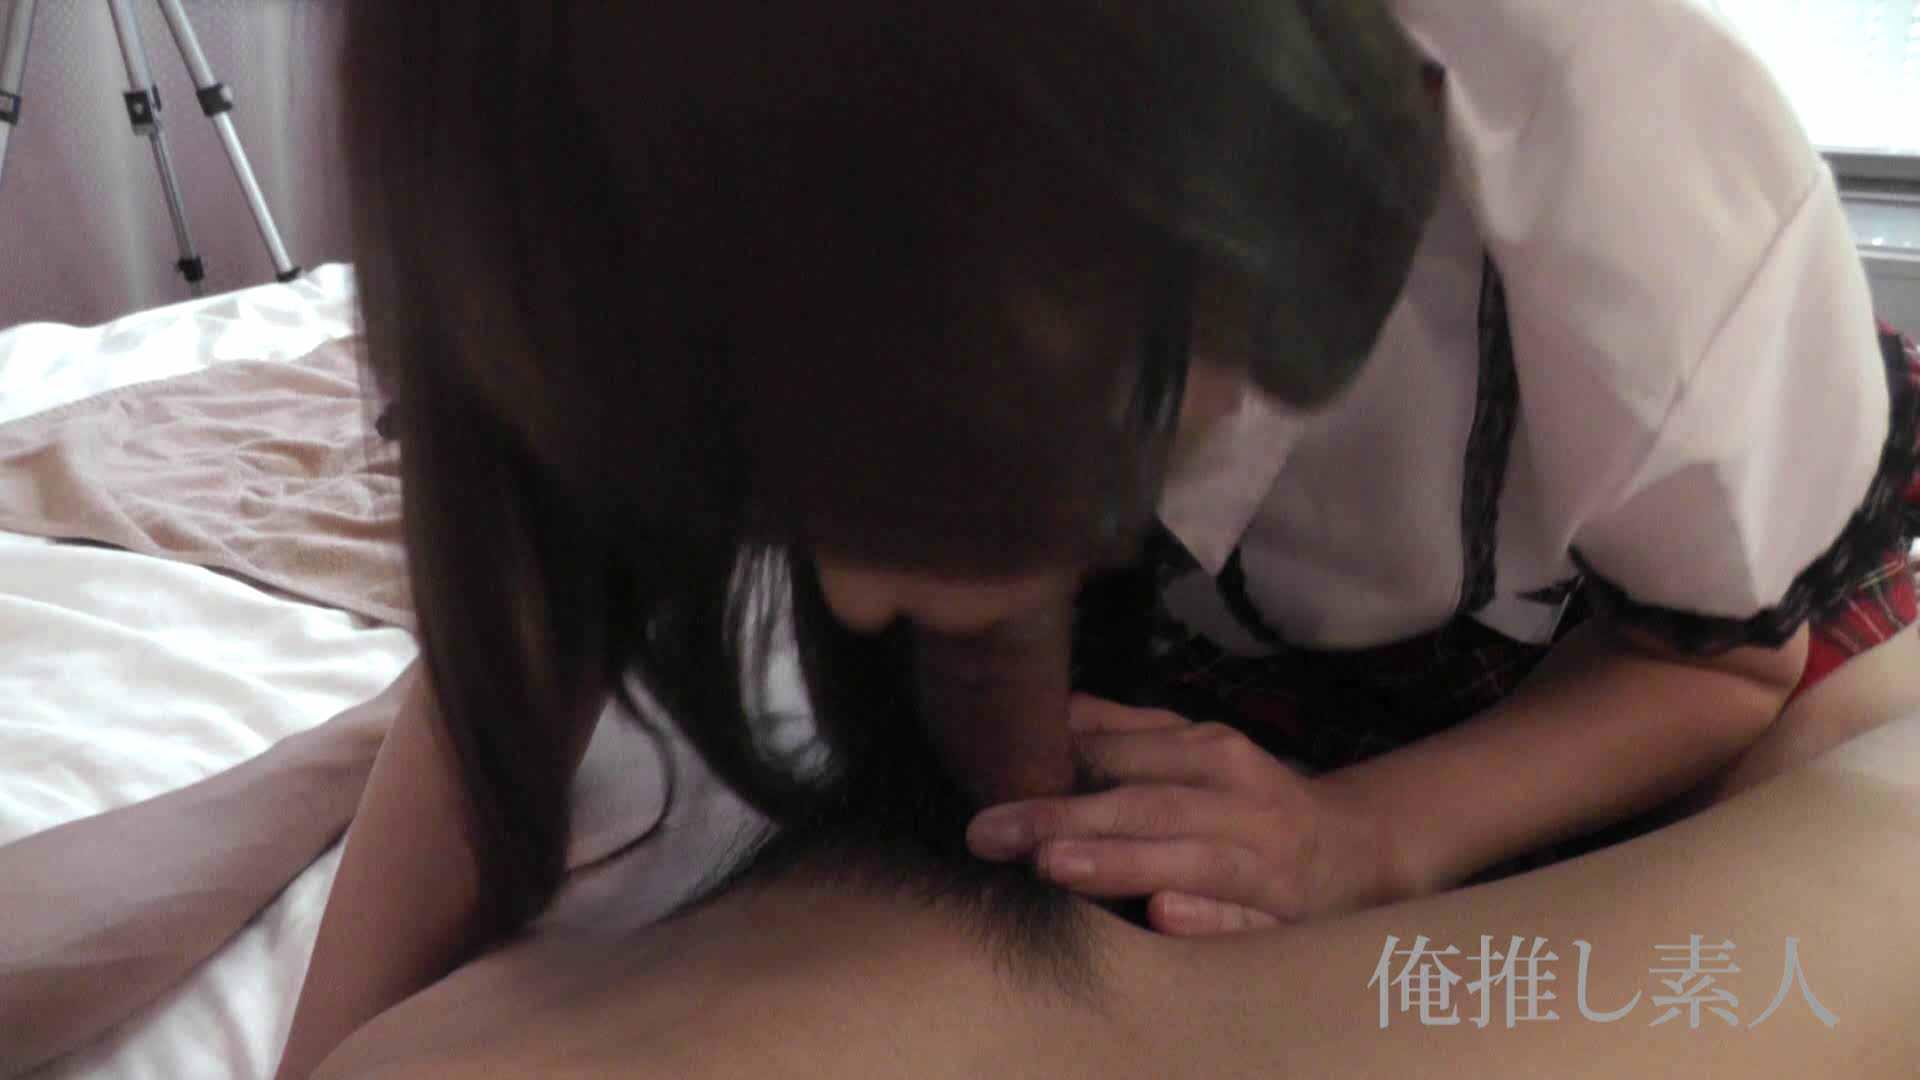 俺推し素人 EカップシングルマザーOL30歳瑤子vol3 素人流出動画 AV動画キャプチャ 97枚 43